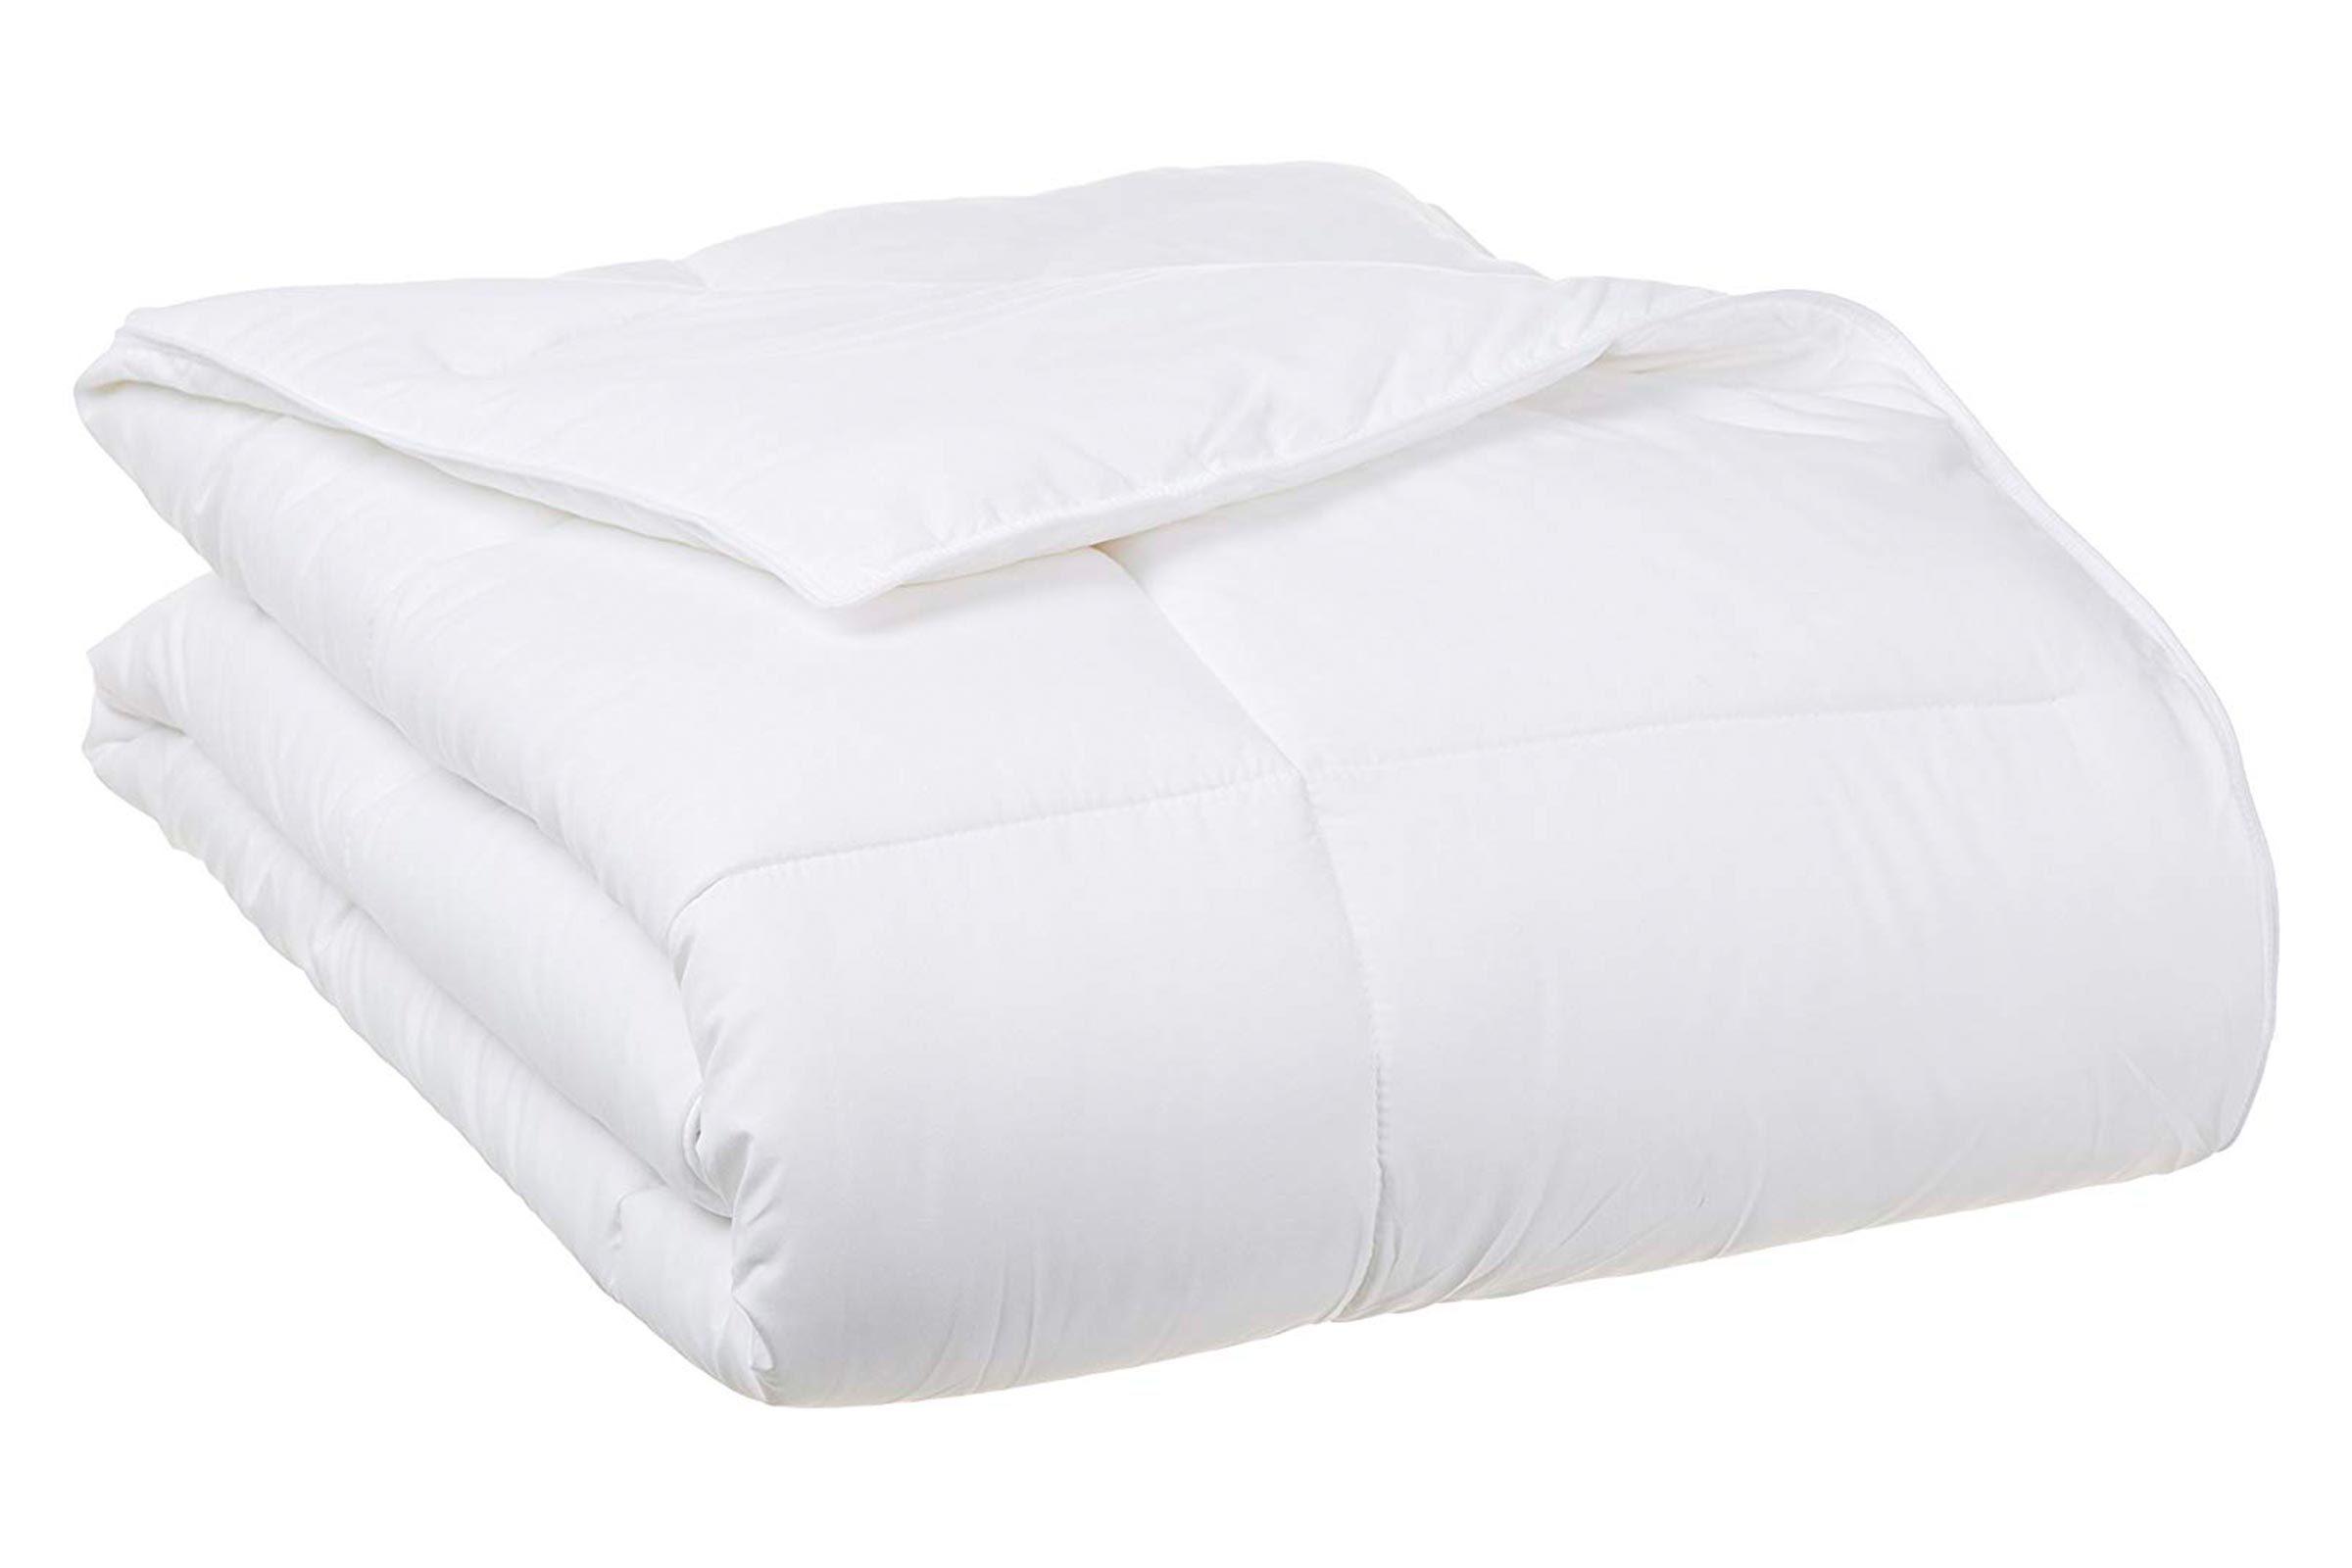 Down comforter